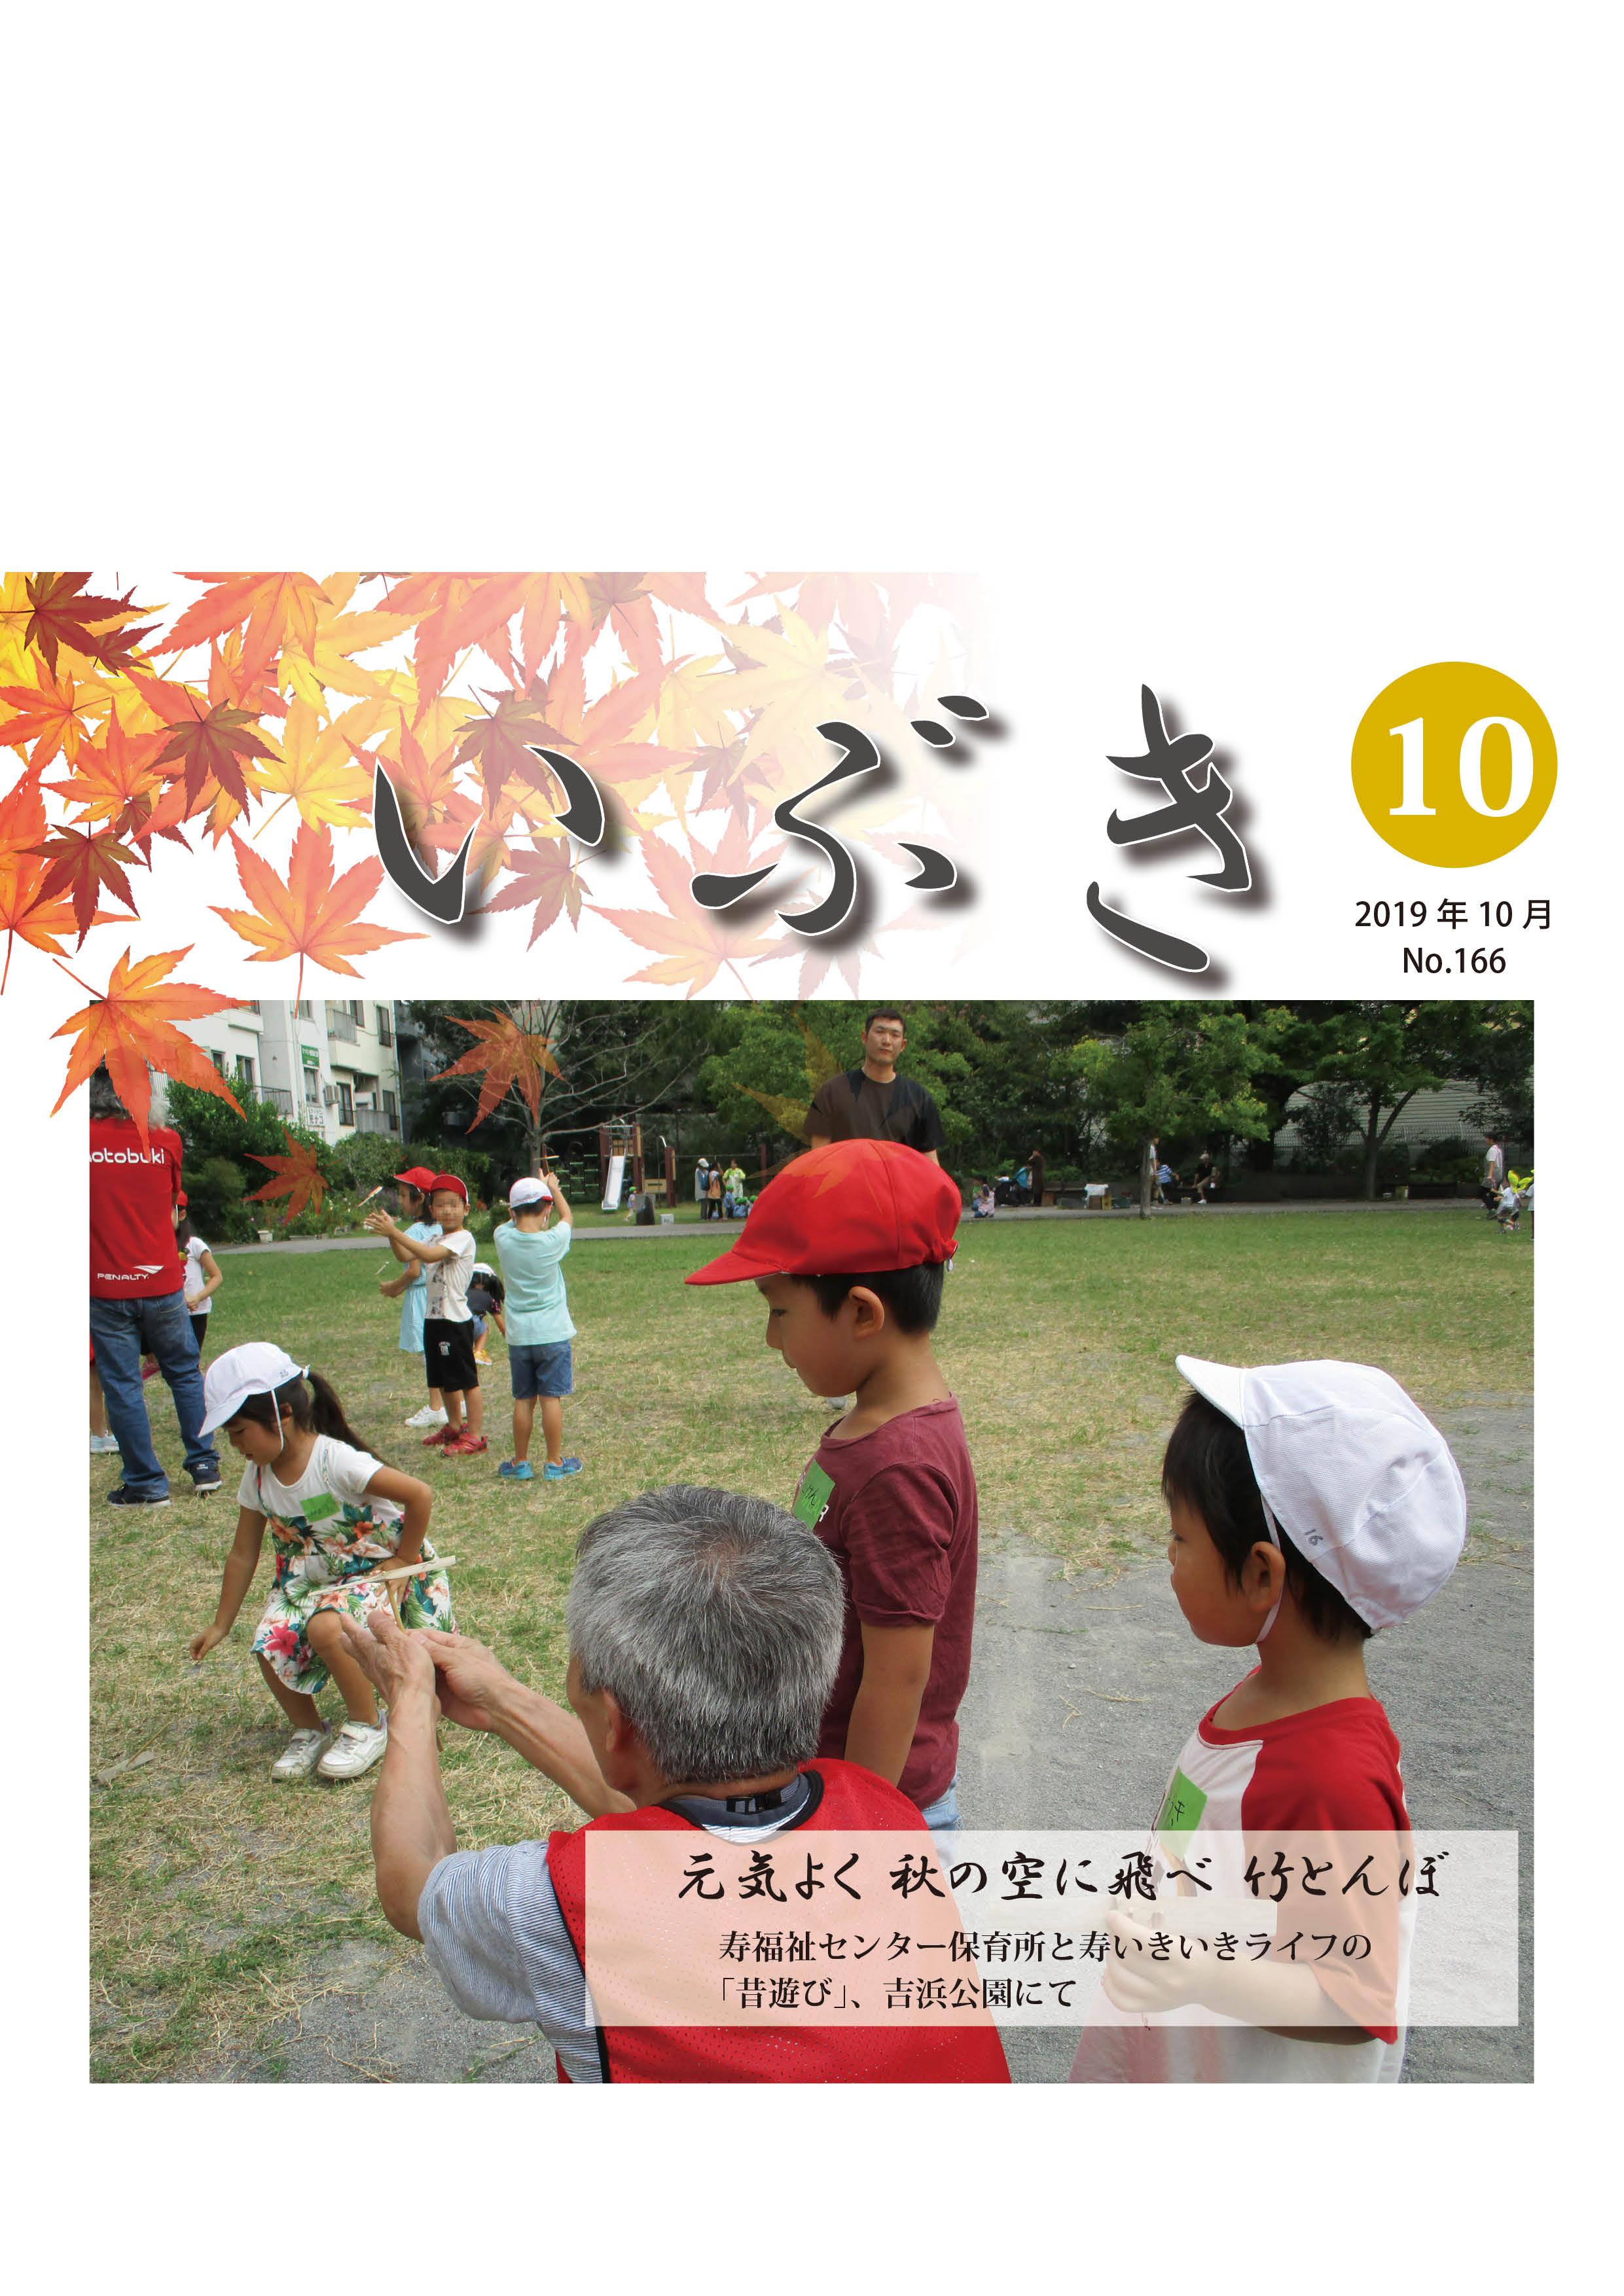 広報紙いぶき2019年10月号(No.166)